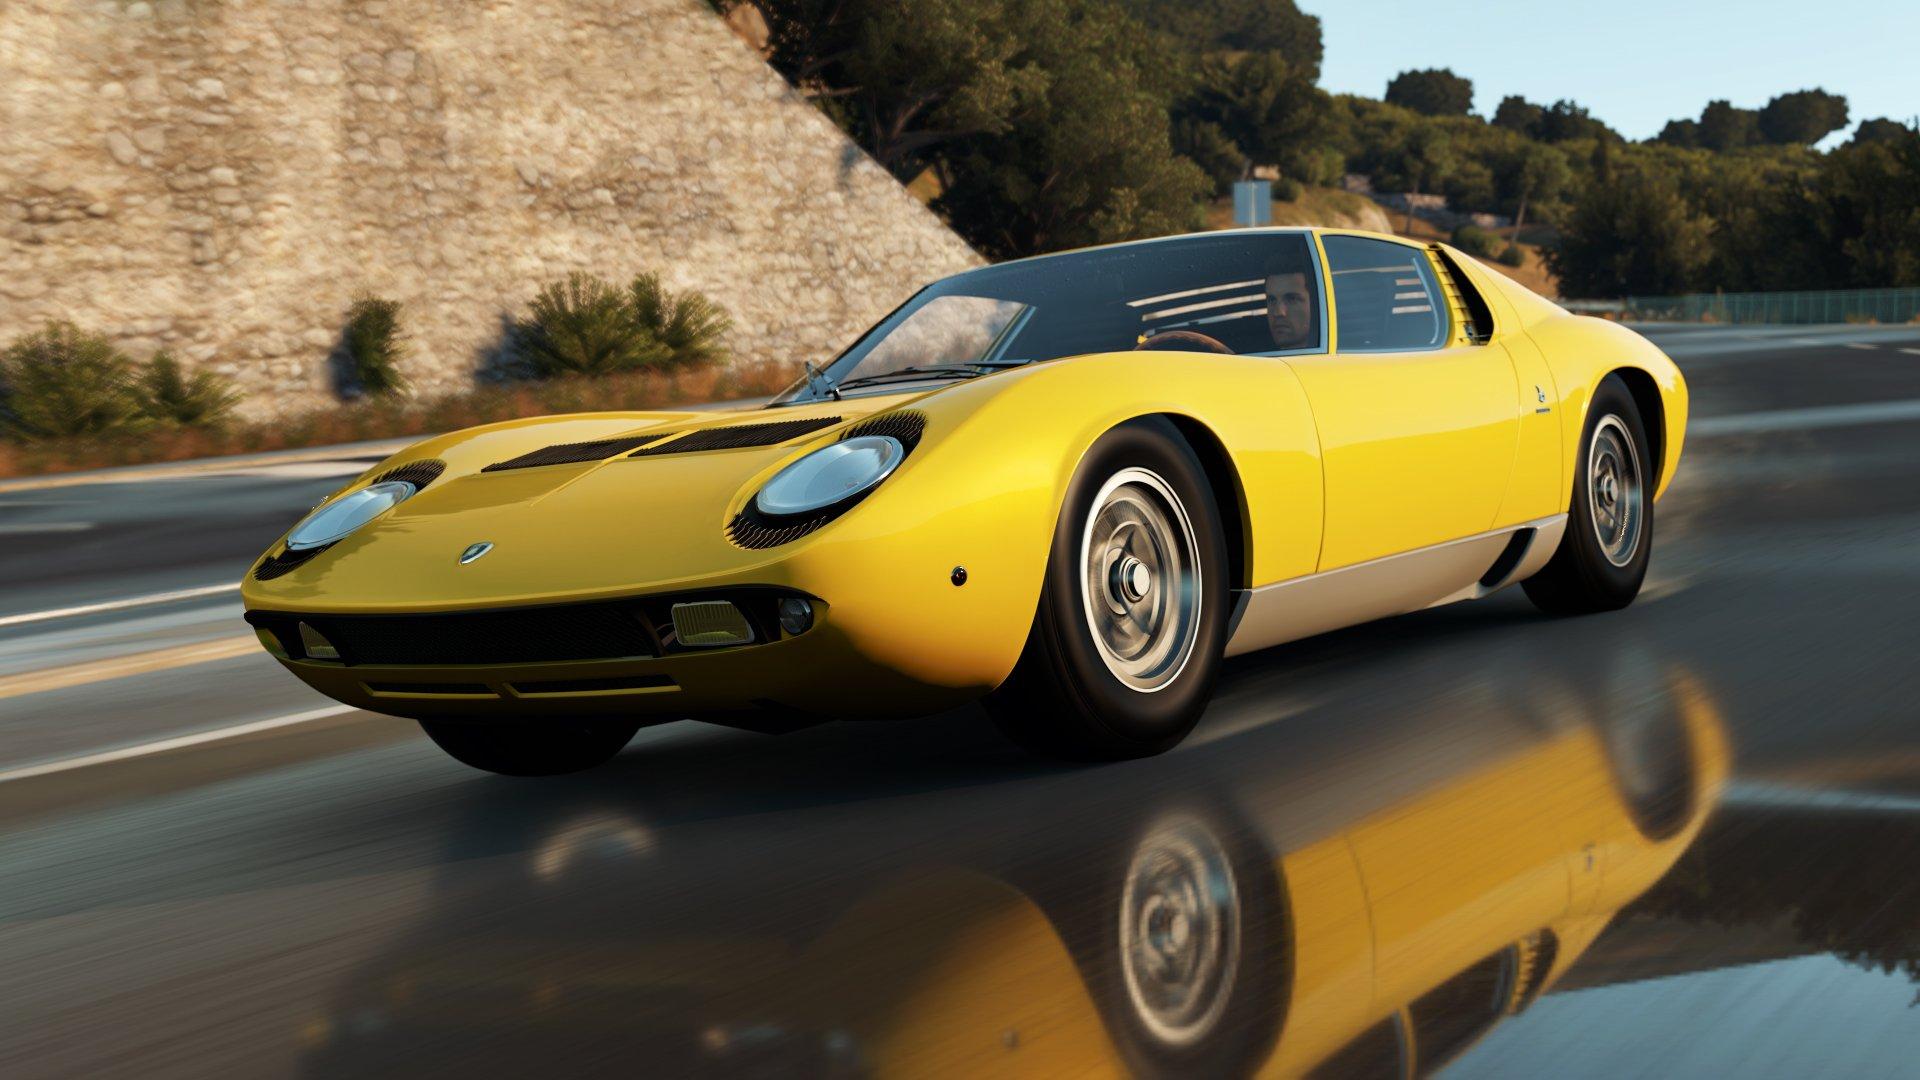 La liste des voitures de Forza Horizon 4 a fui